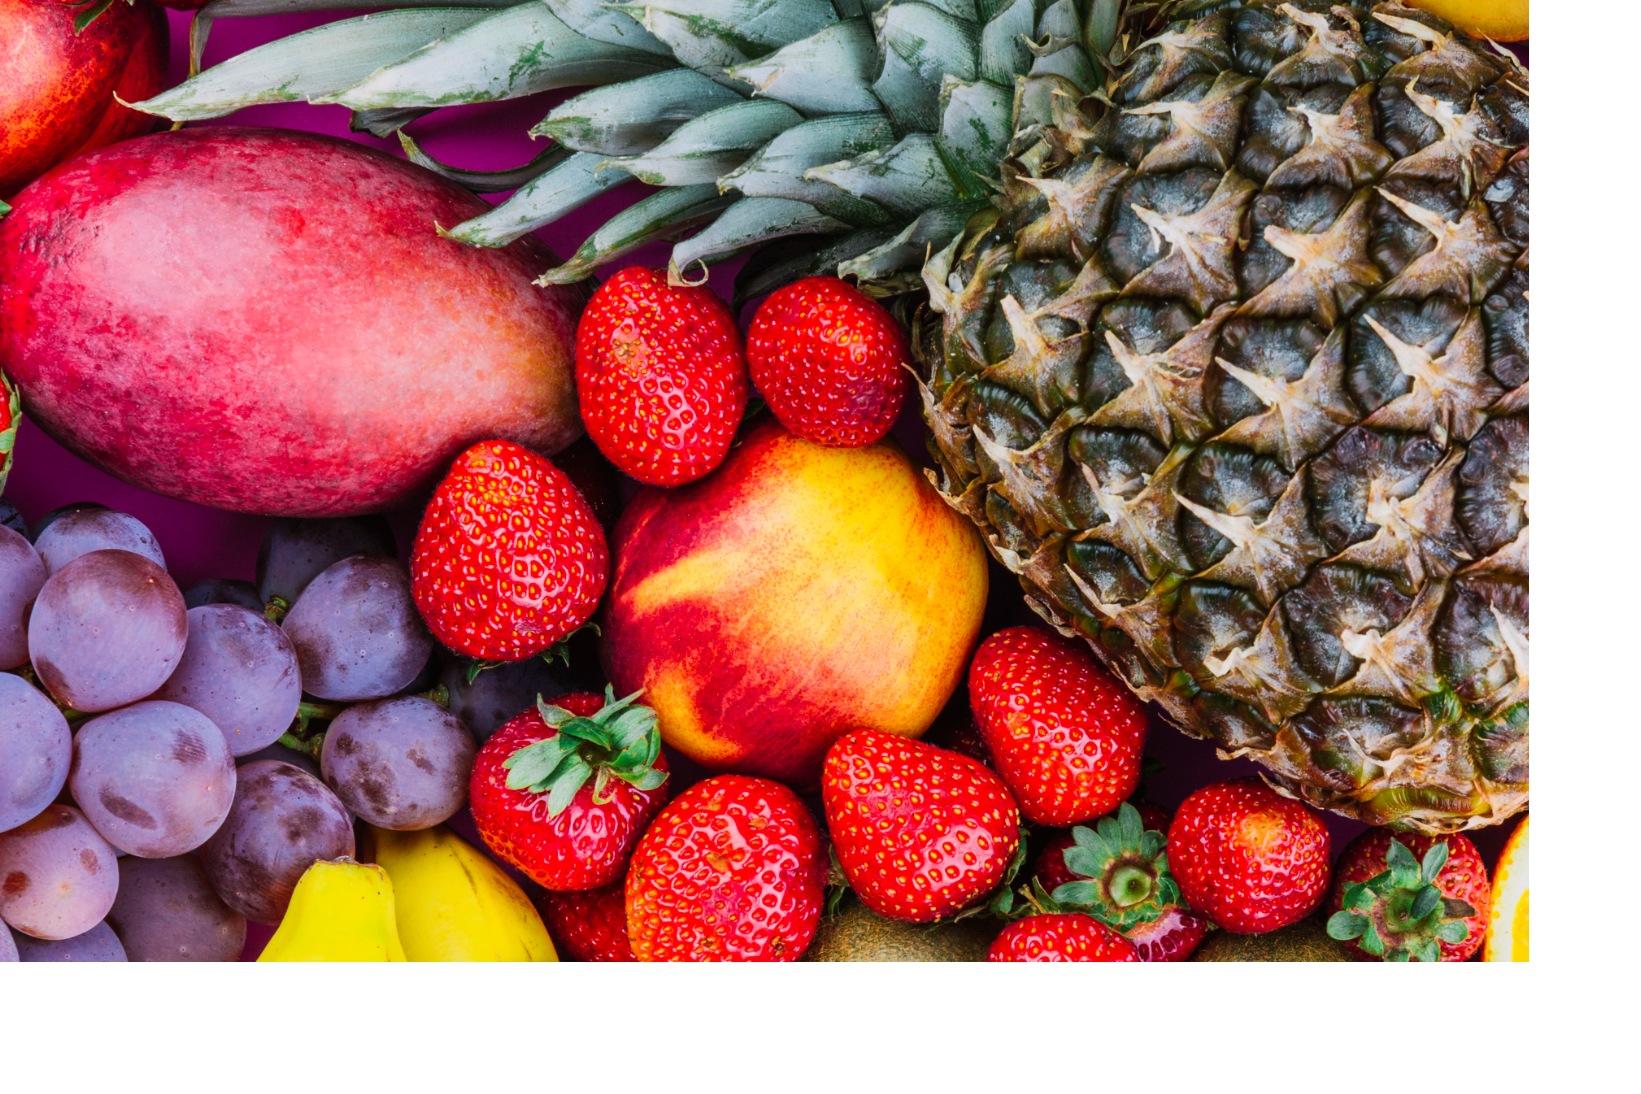 Tlačová správa - Obchody môžu nepredané potraviny darovať aj obciam